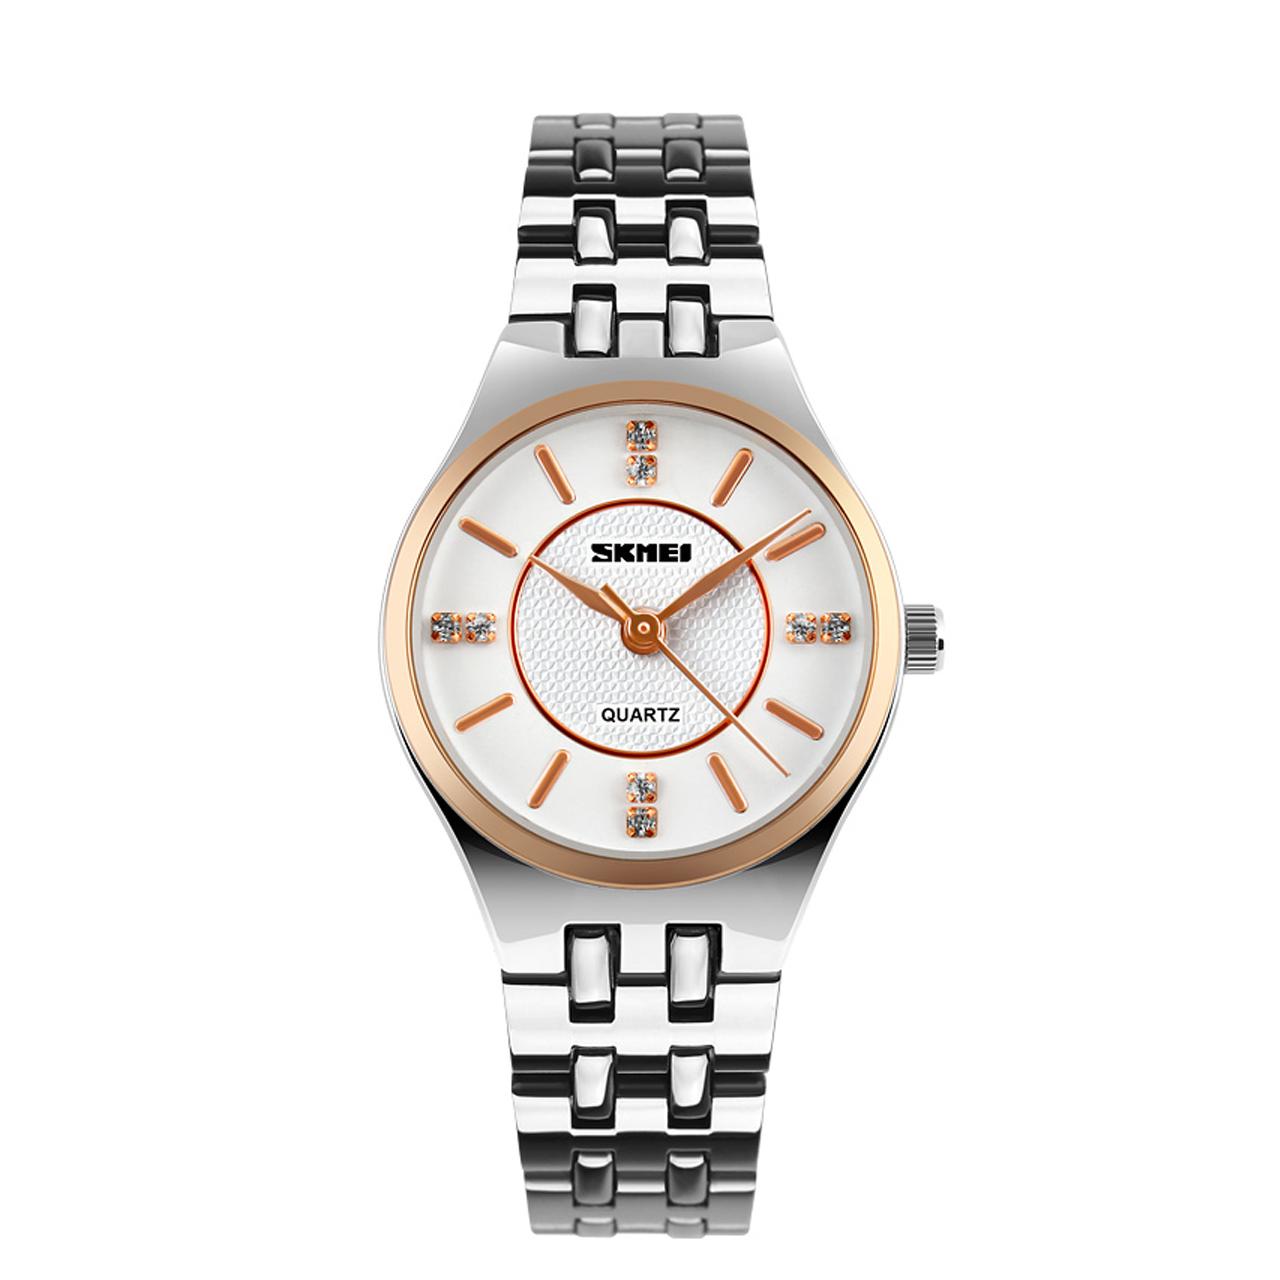 ساعت مچی عقربه ای زنانه اسکمی مدل 1133 1